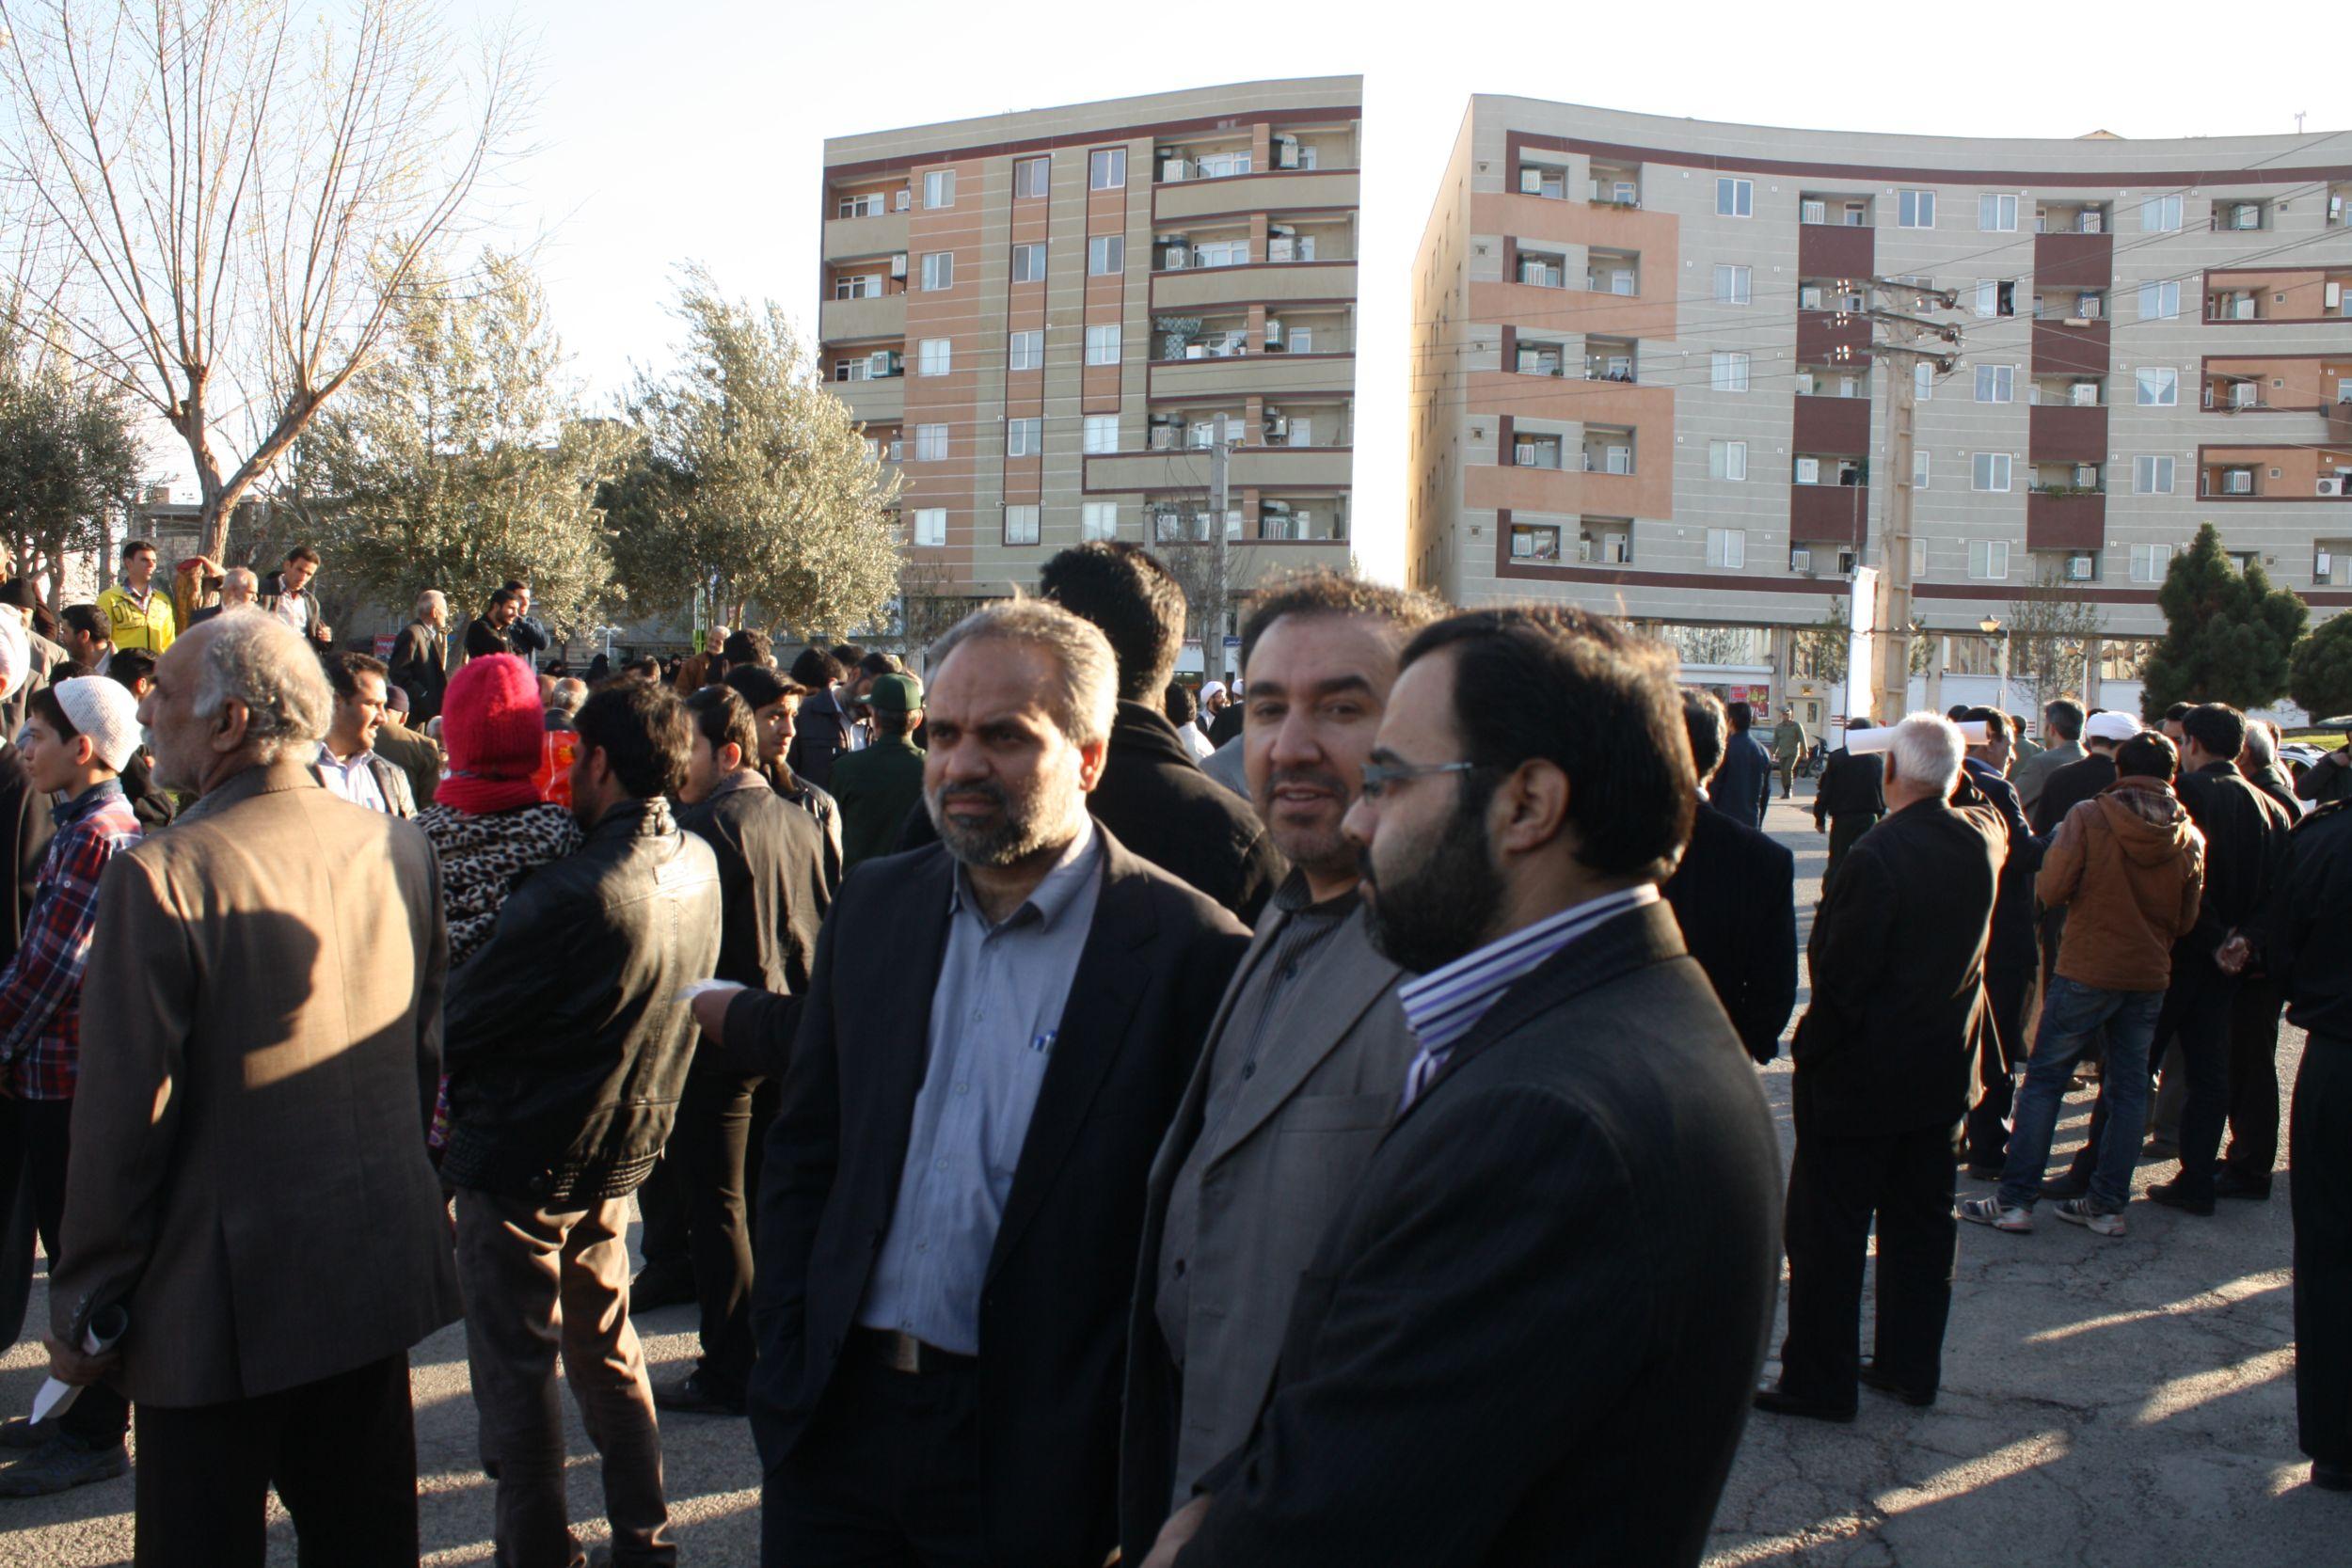 طی نامه ای:مدیر کل حراست استانداری تهران از رییس حراست شهرداری ورامین تقدیر و تشکر کرد